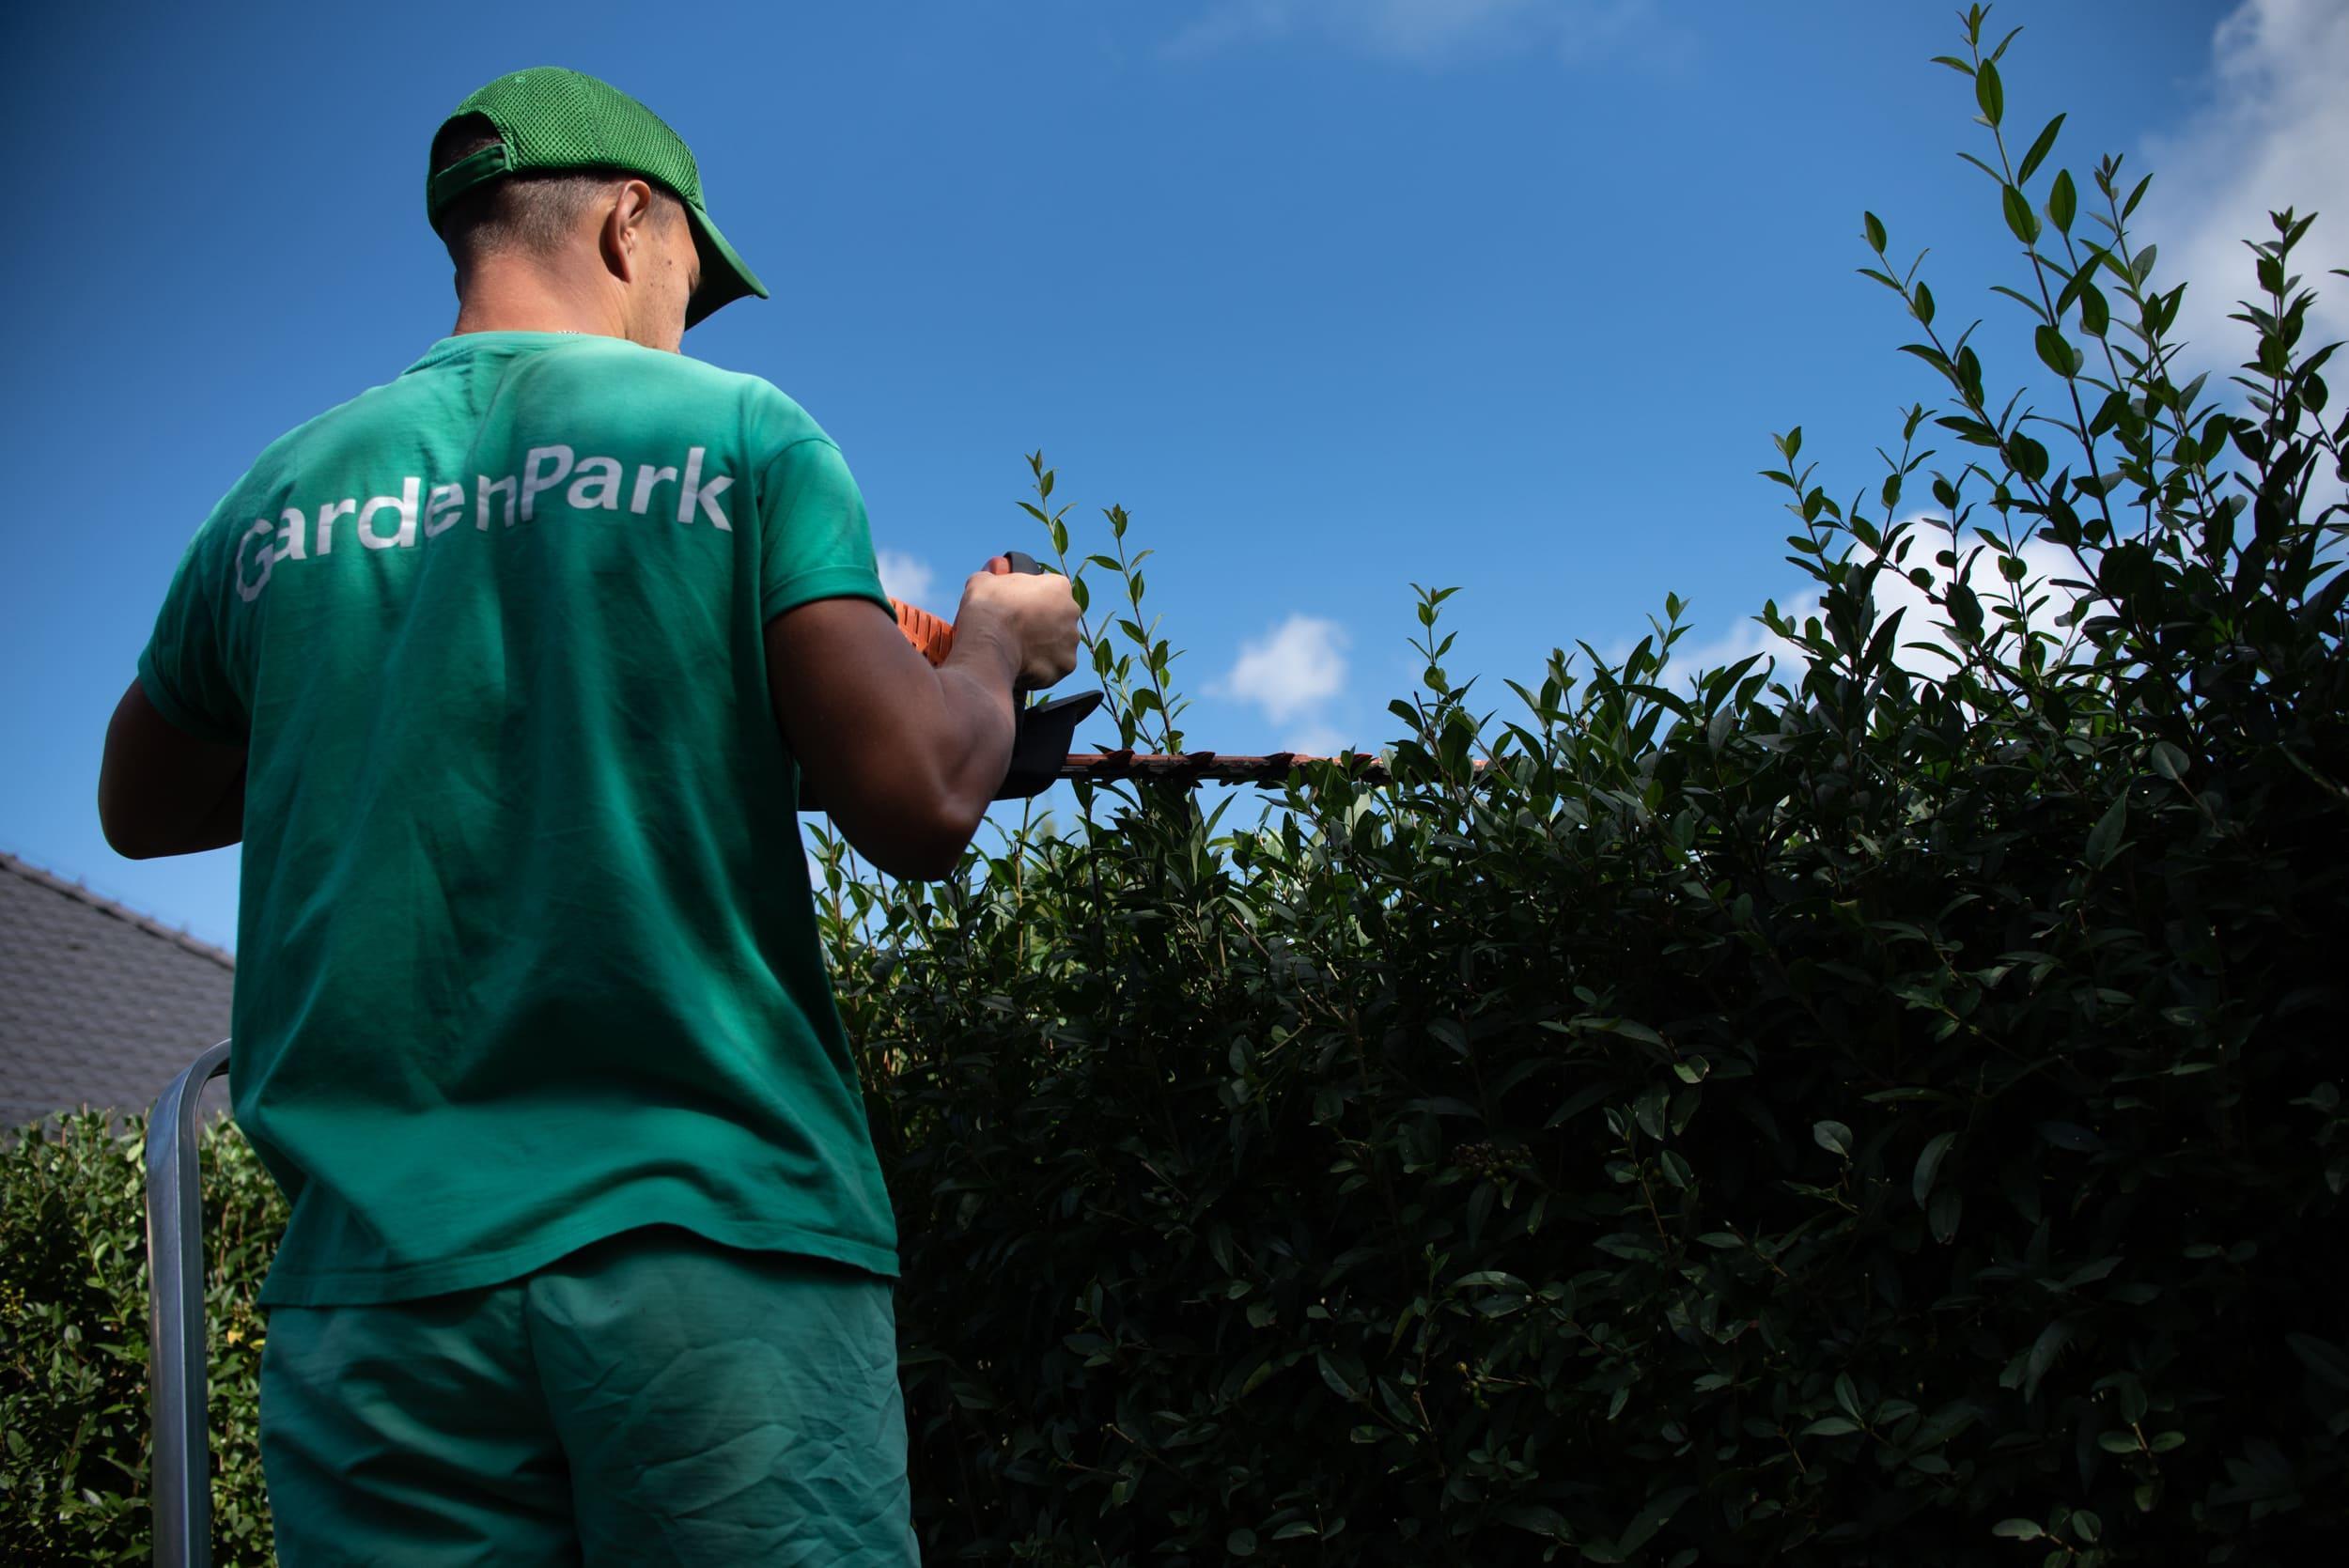 Догляд за ділянками. Скільки разів на рік потрібно доглядати за садом?